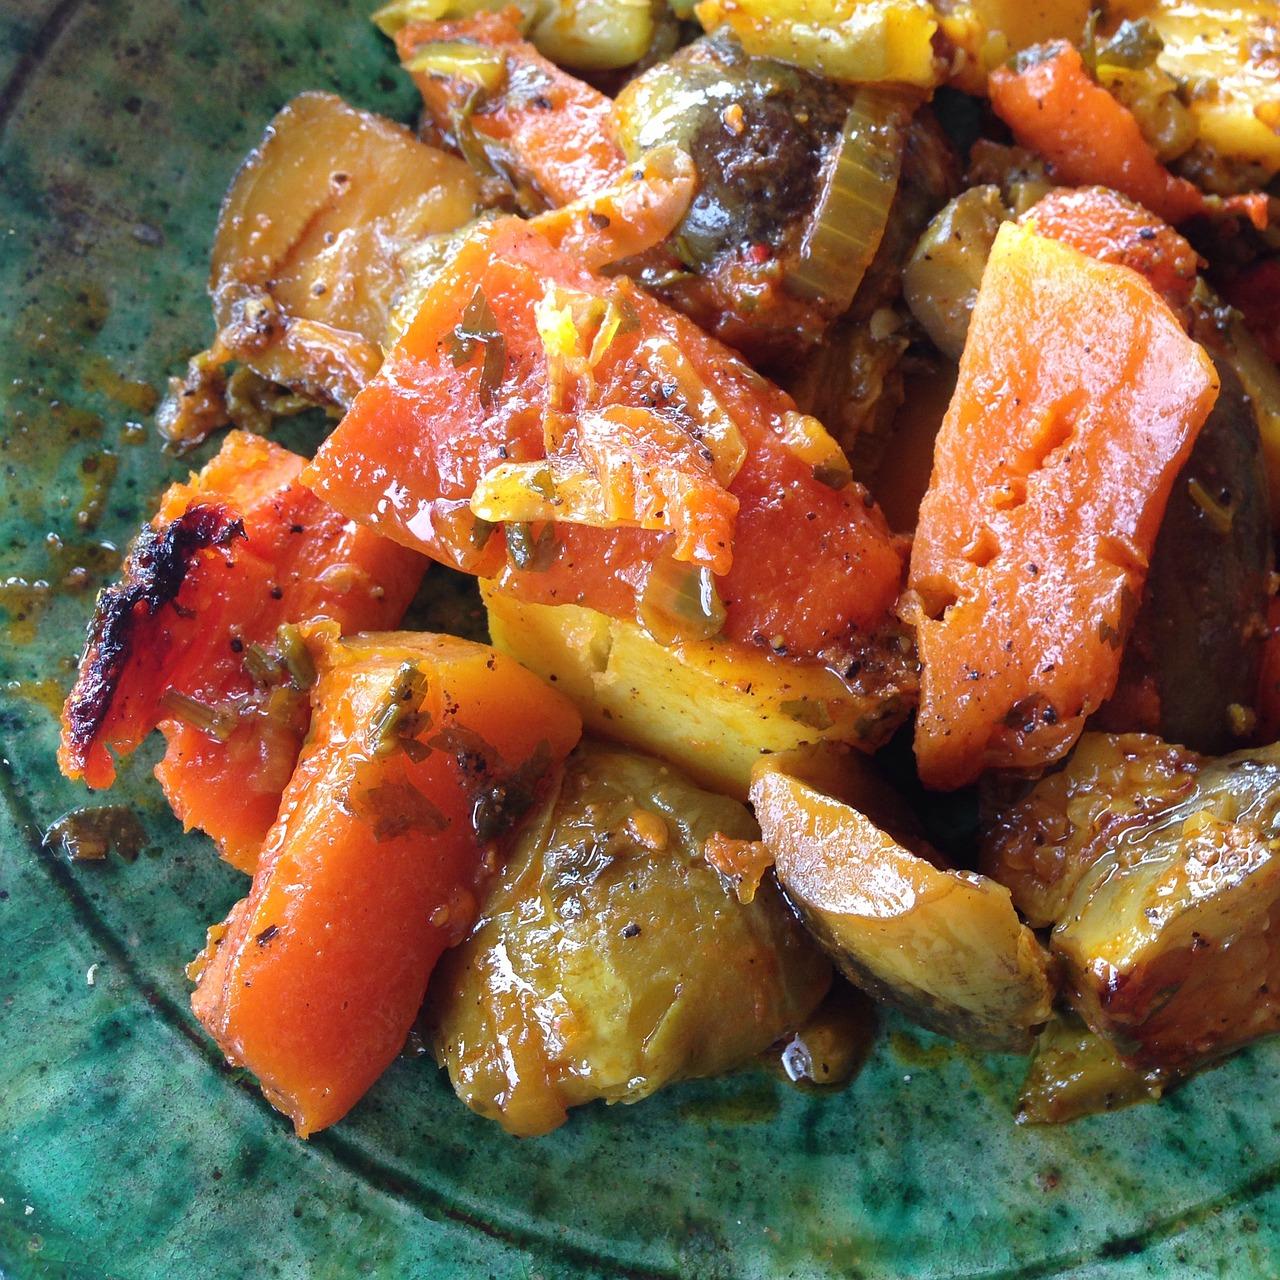 La cuisine marocaine, une tradition culinaire millénaire